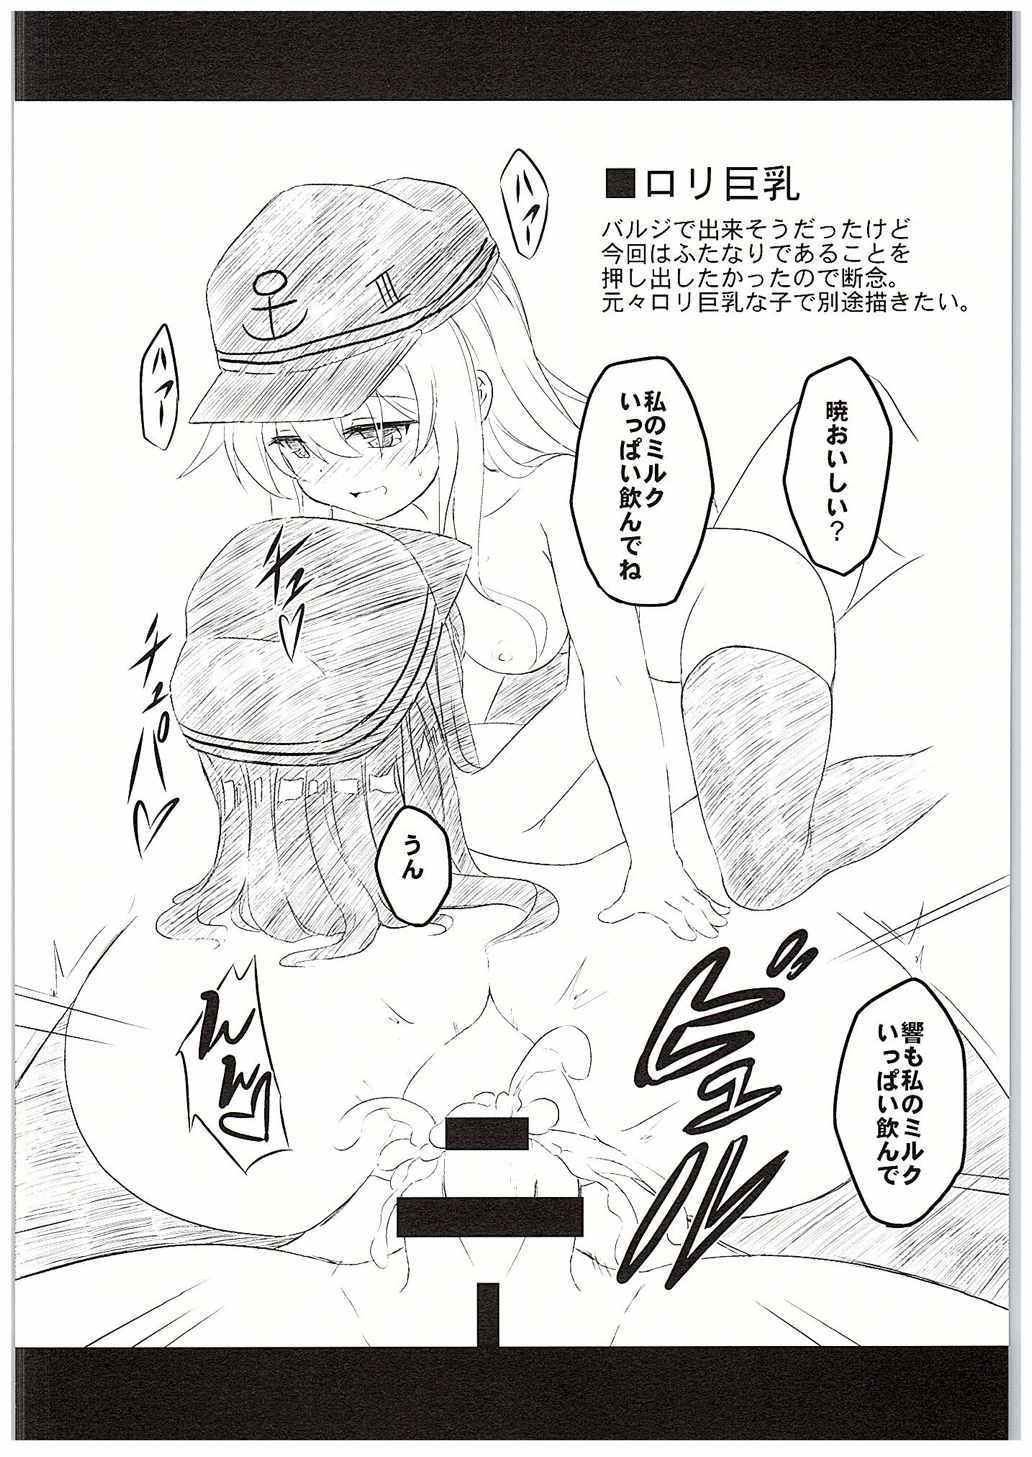 Loli & Futa Vol. 1 26